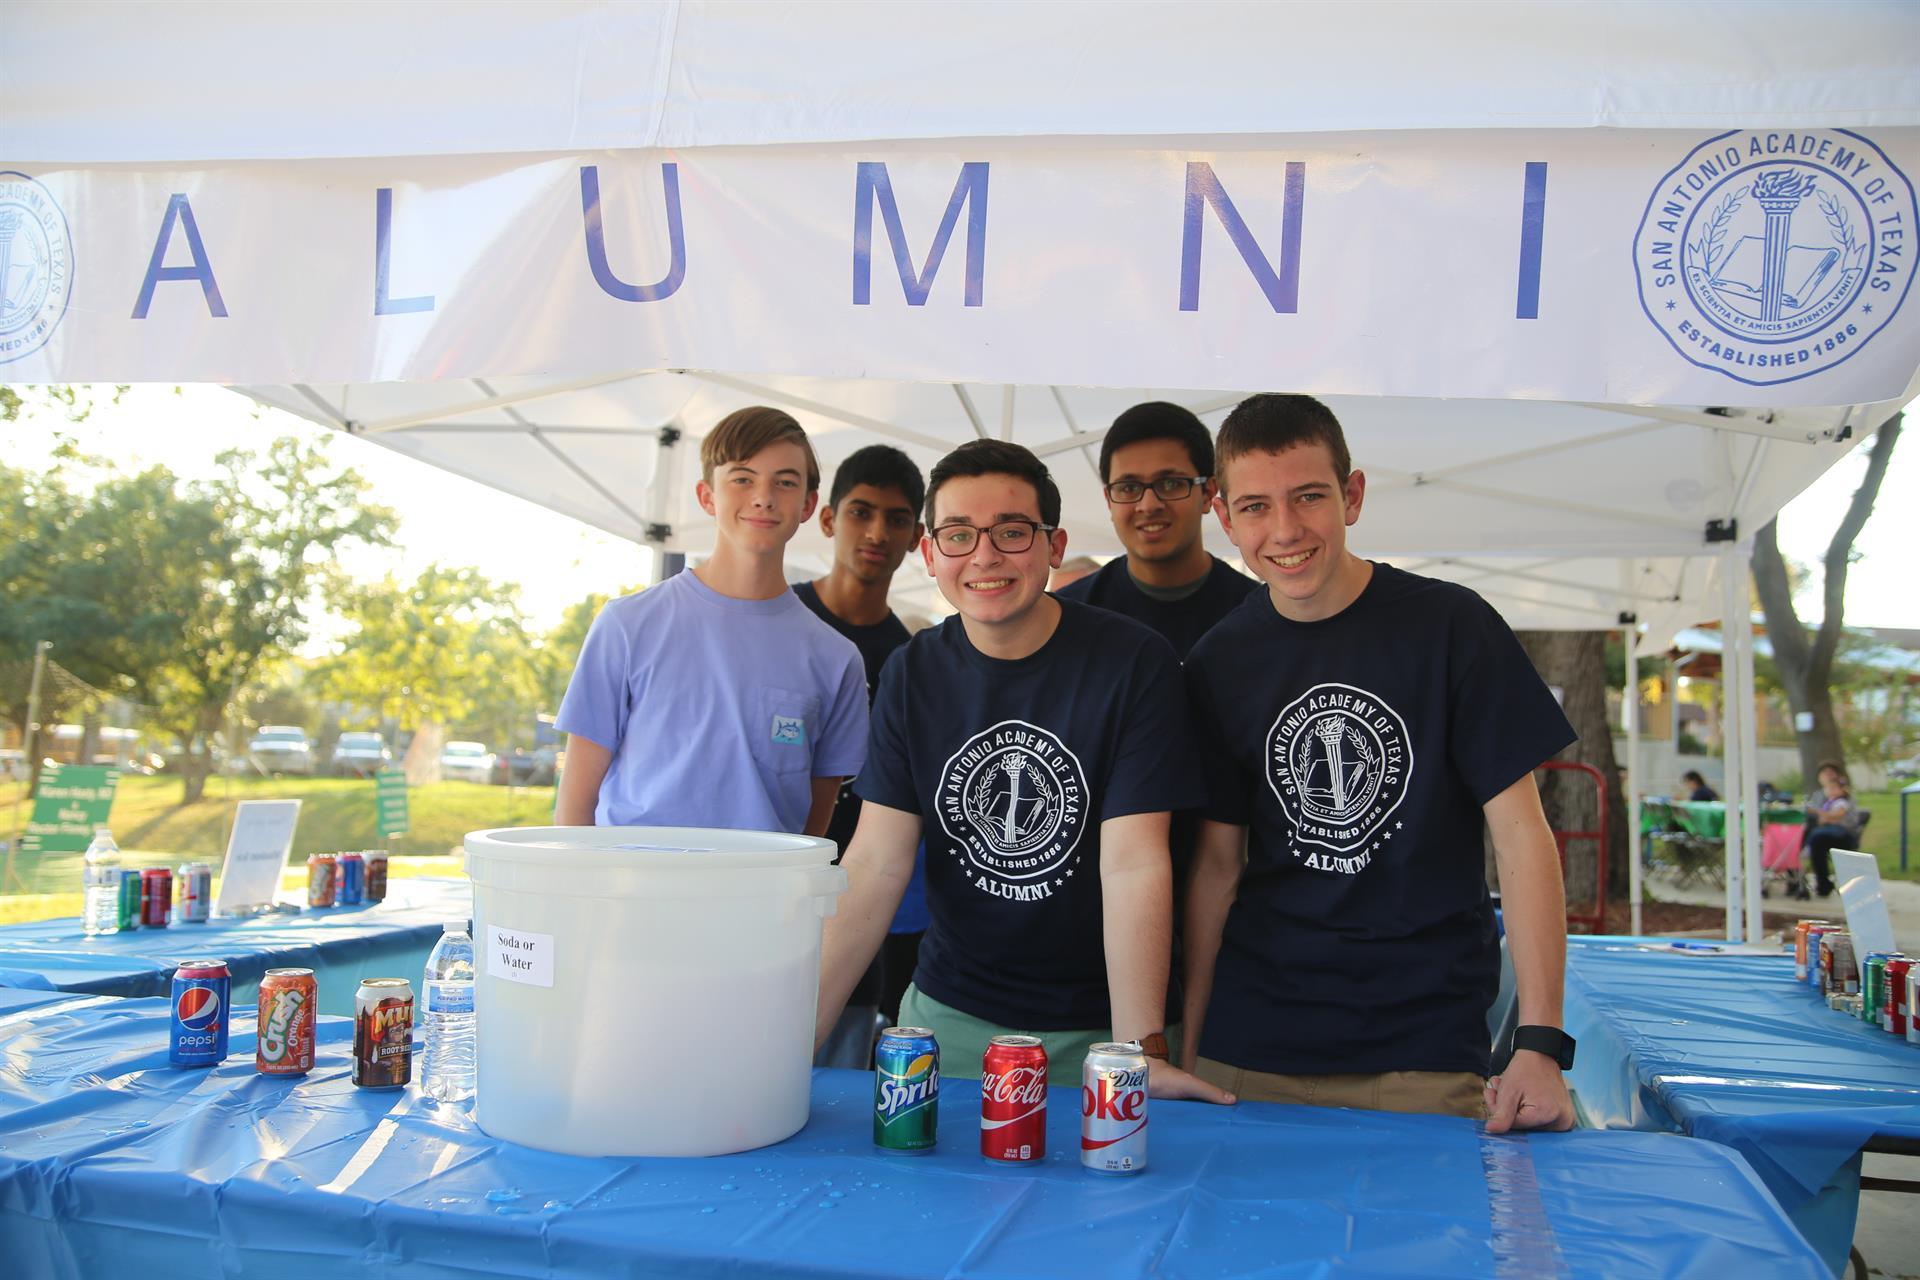 Alumni Homecoming Weekend 2018